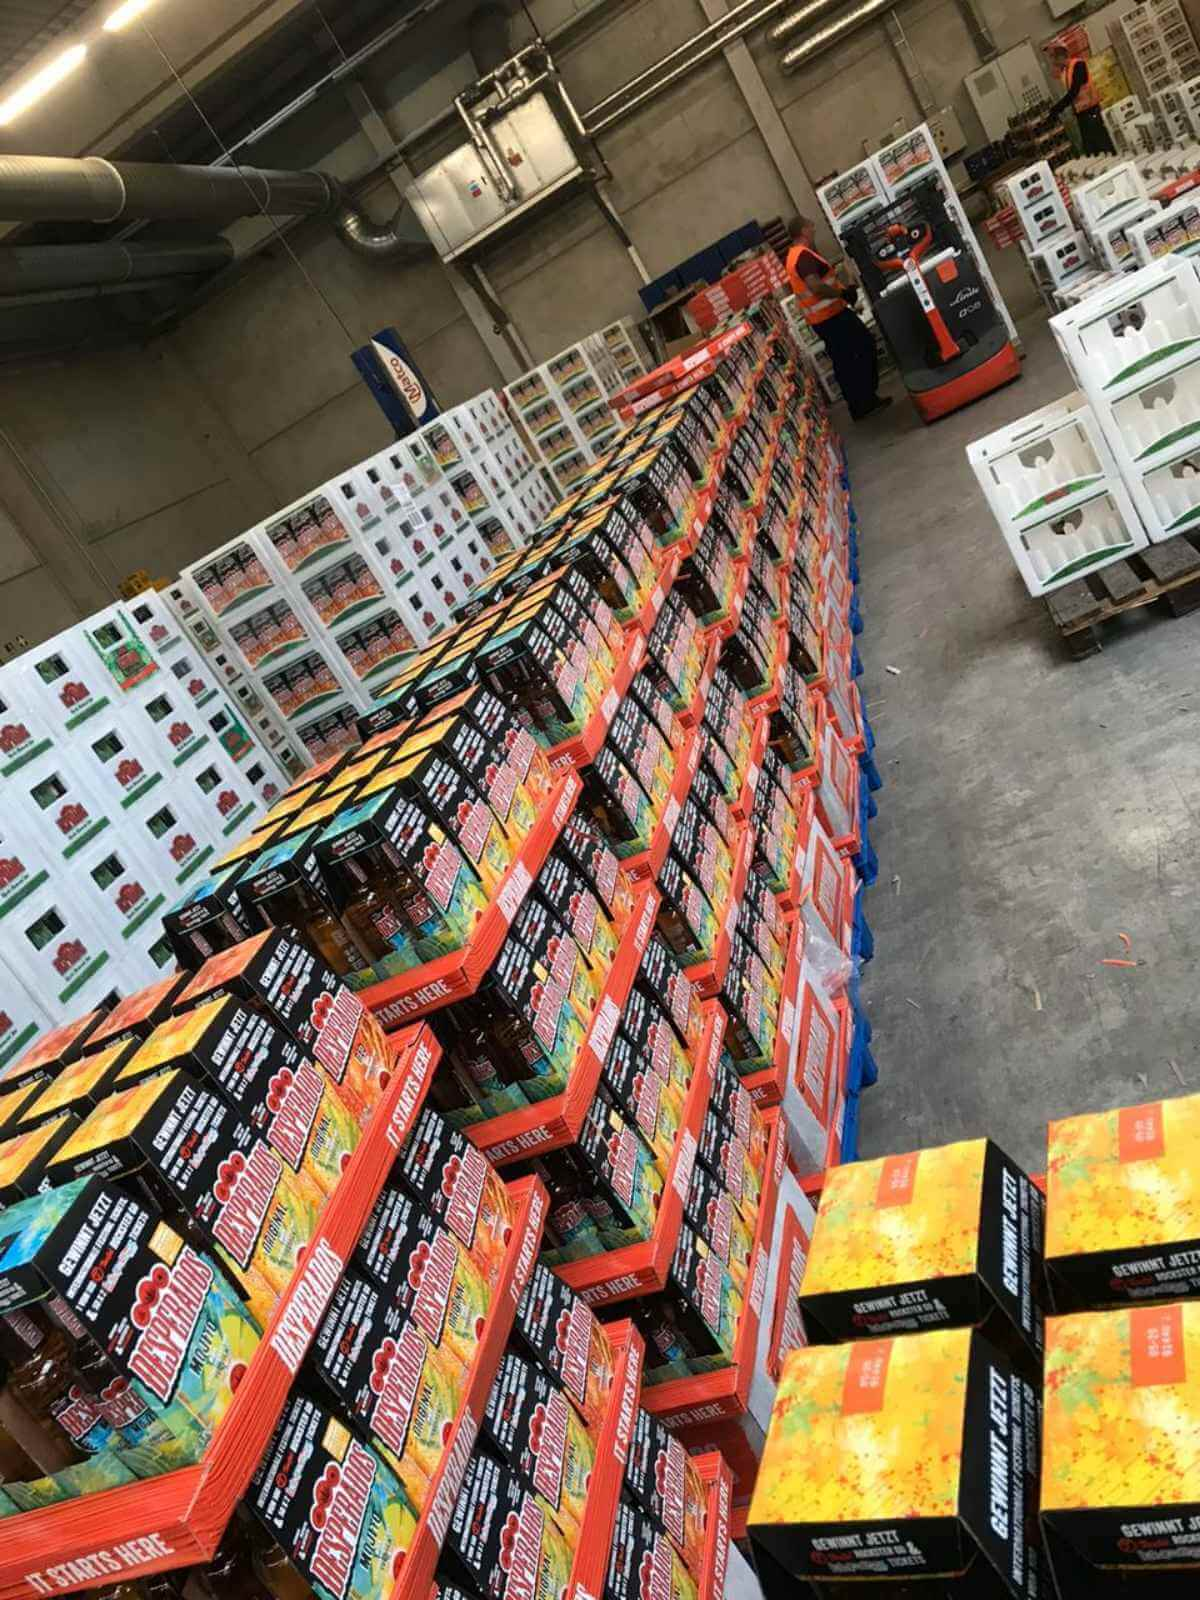 условия работы на складе пива в германии от виза маркет 2 фото